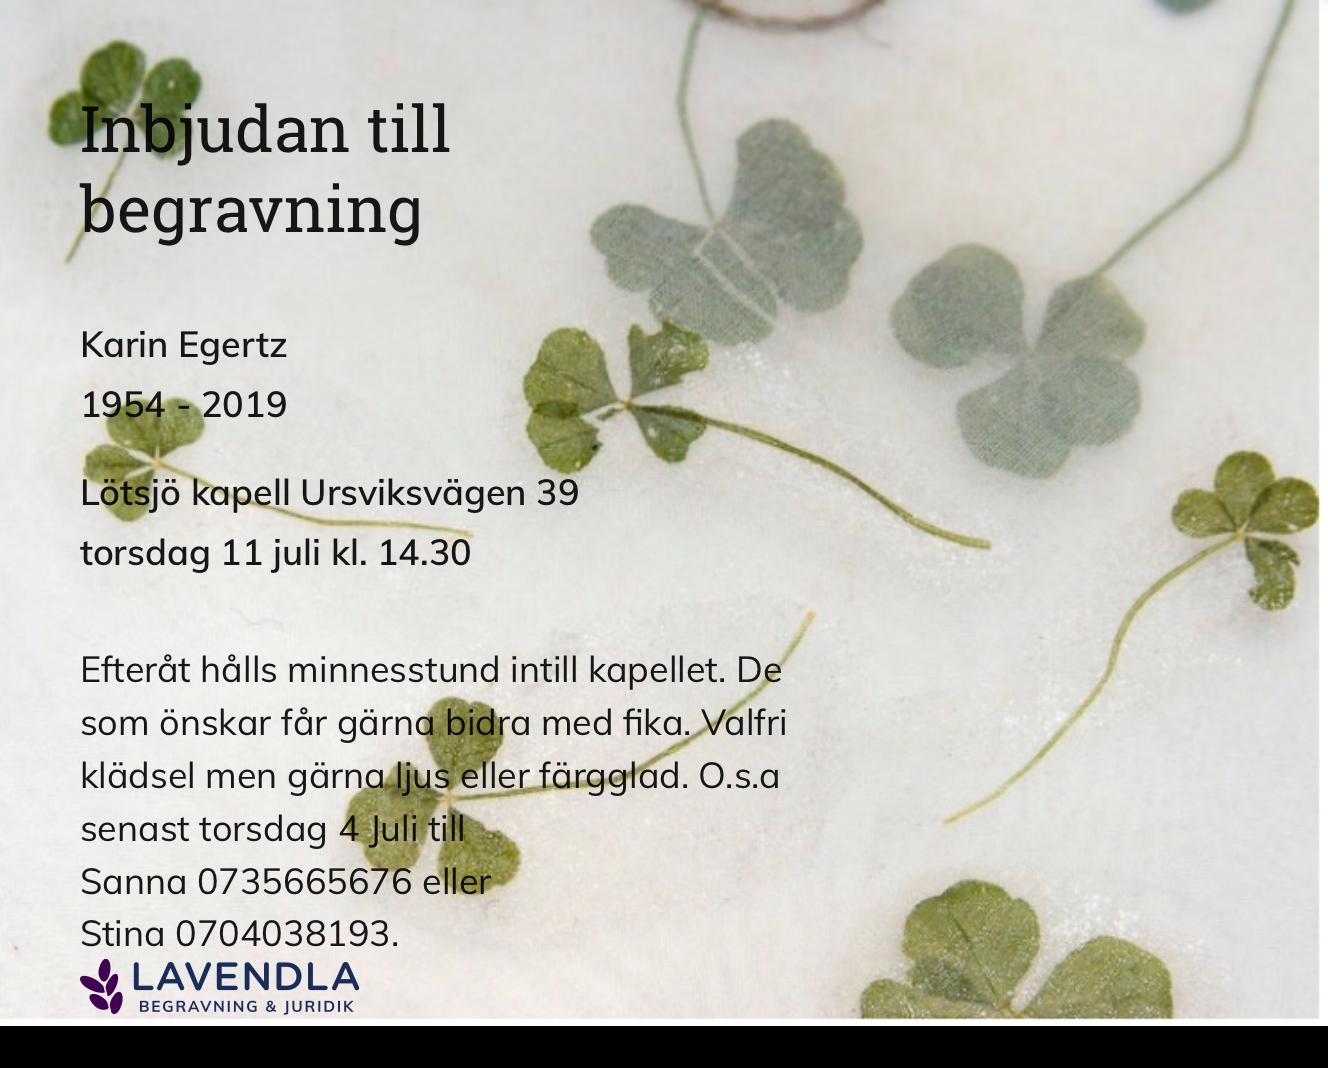 Inbjudningskort till ceremonin för Karin Egertz